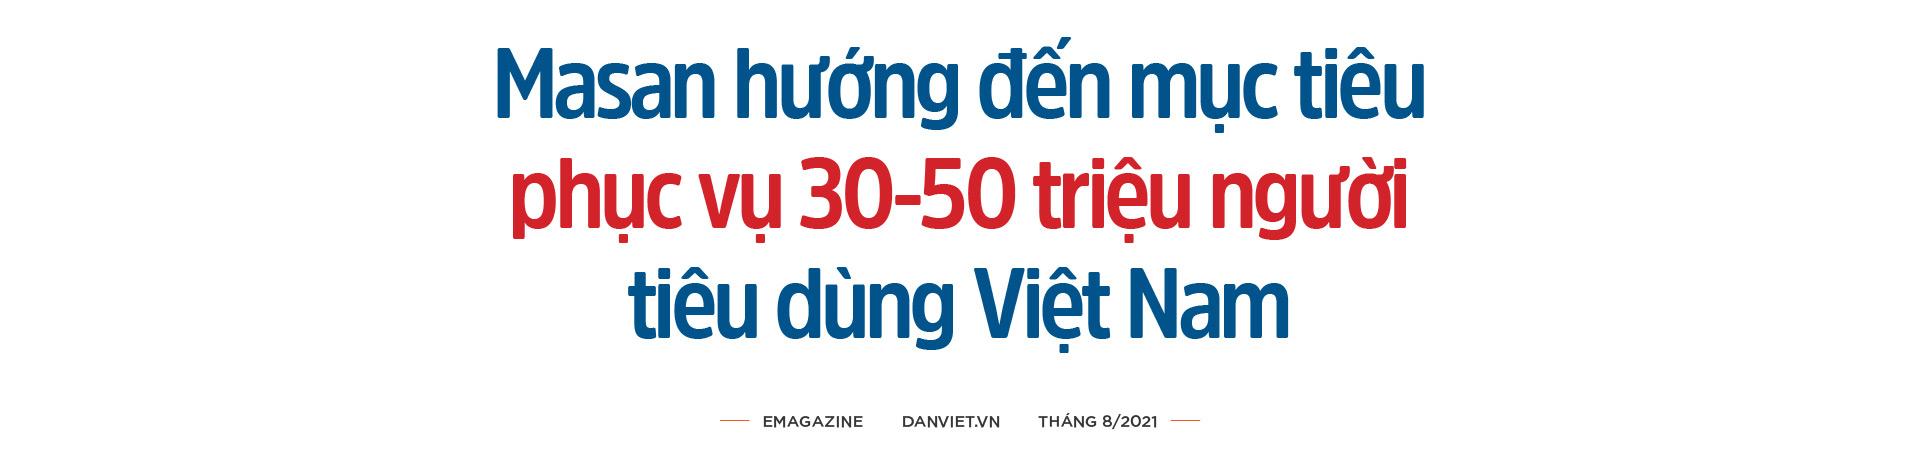 """Masan và tham vọng trở thành """"Walmart Việt Nam""""- nhà bán lẻ hàng đầu trong lĩnh vực tiêu dùng - Ảnh 5."""